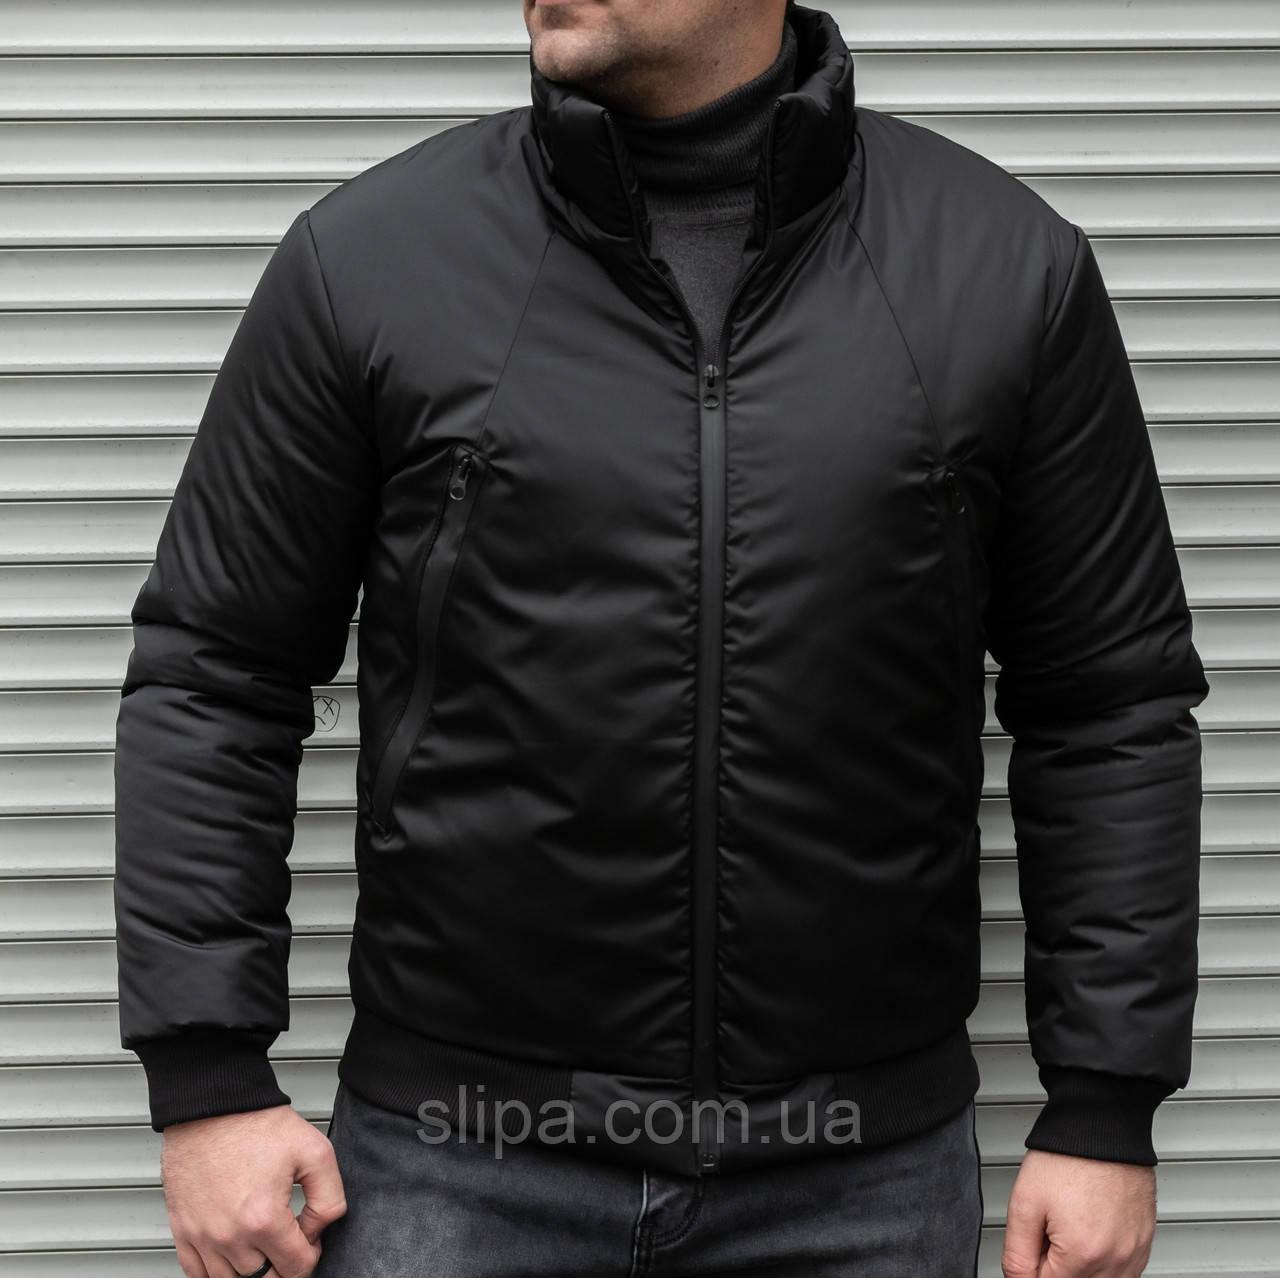 Чоловіча куртка утеплена бомбер чорна